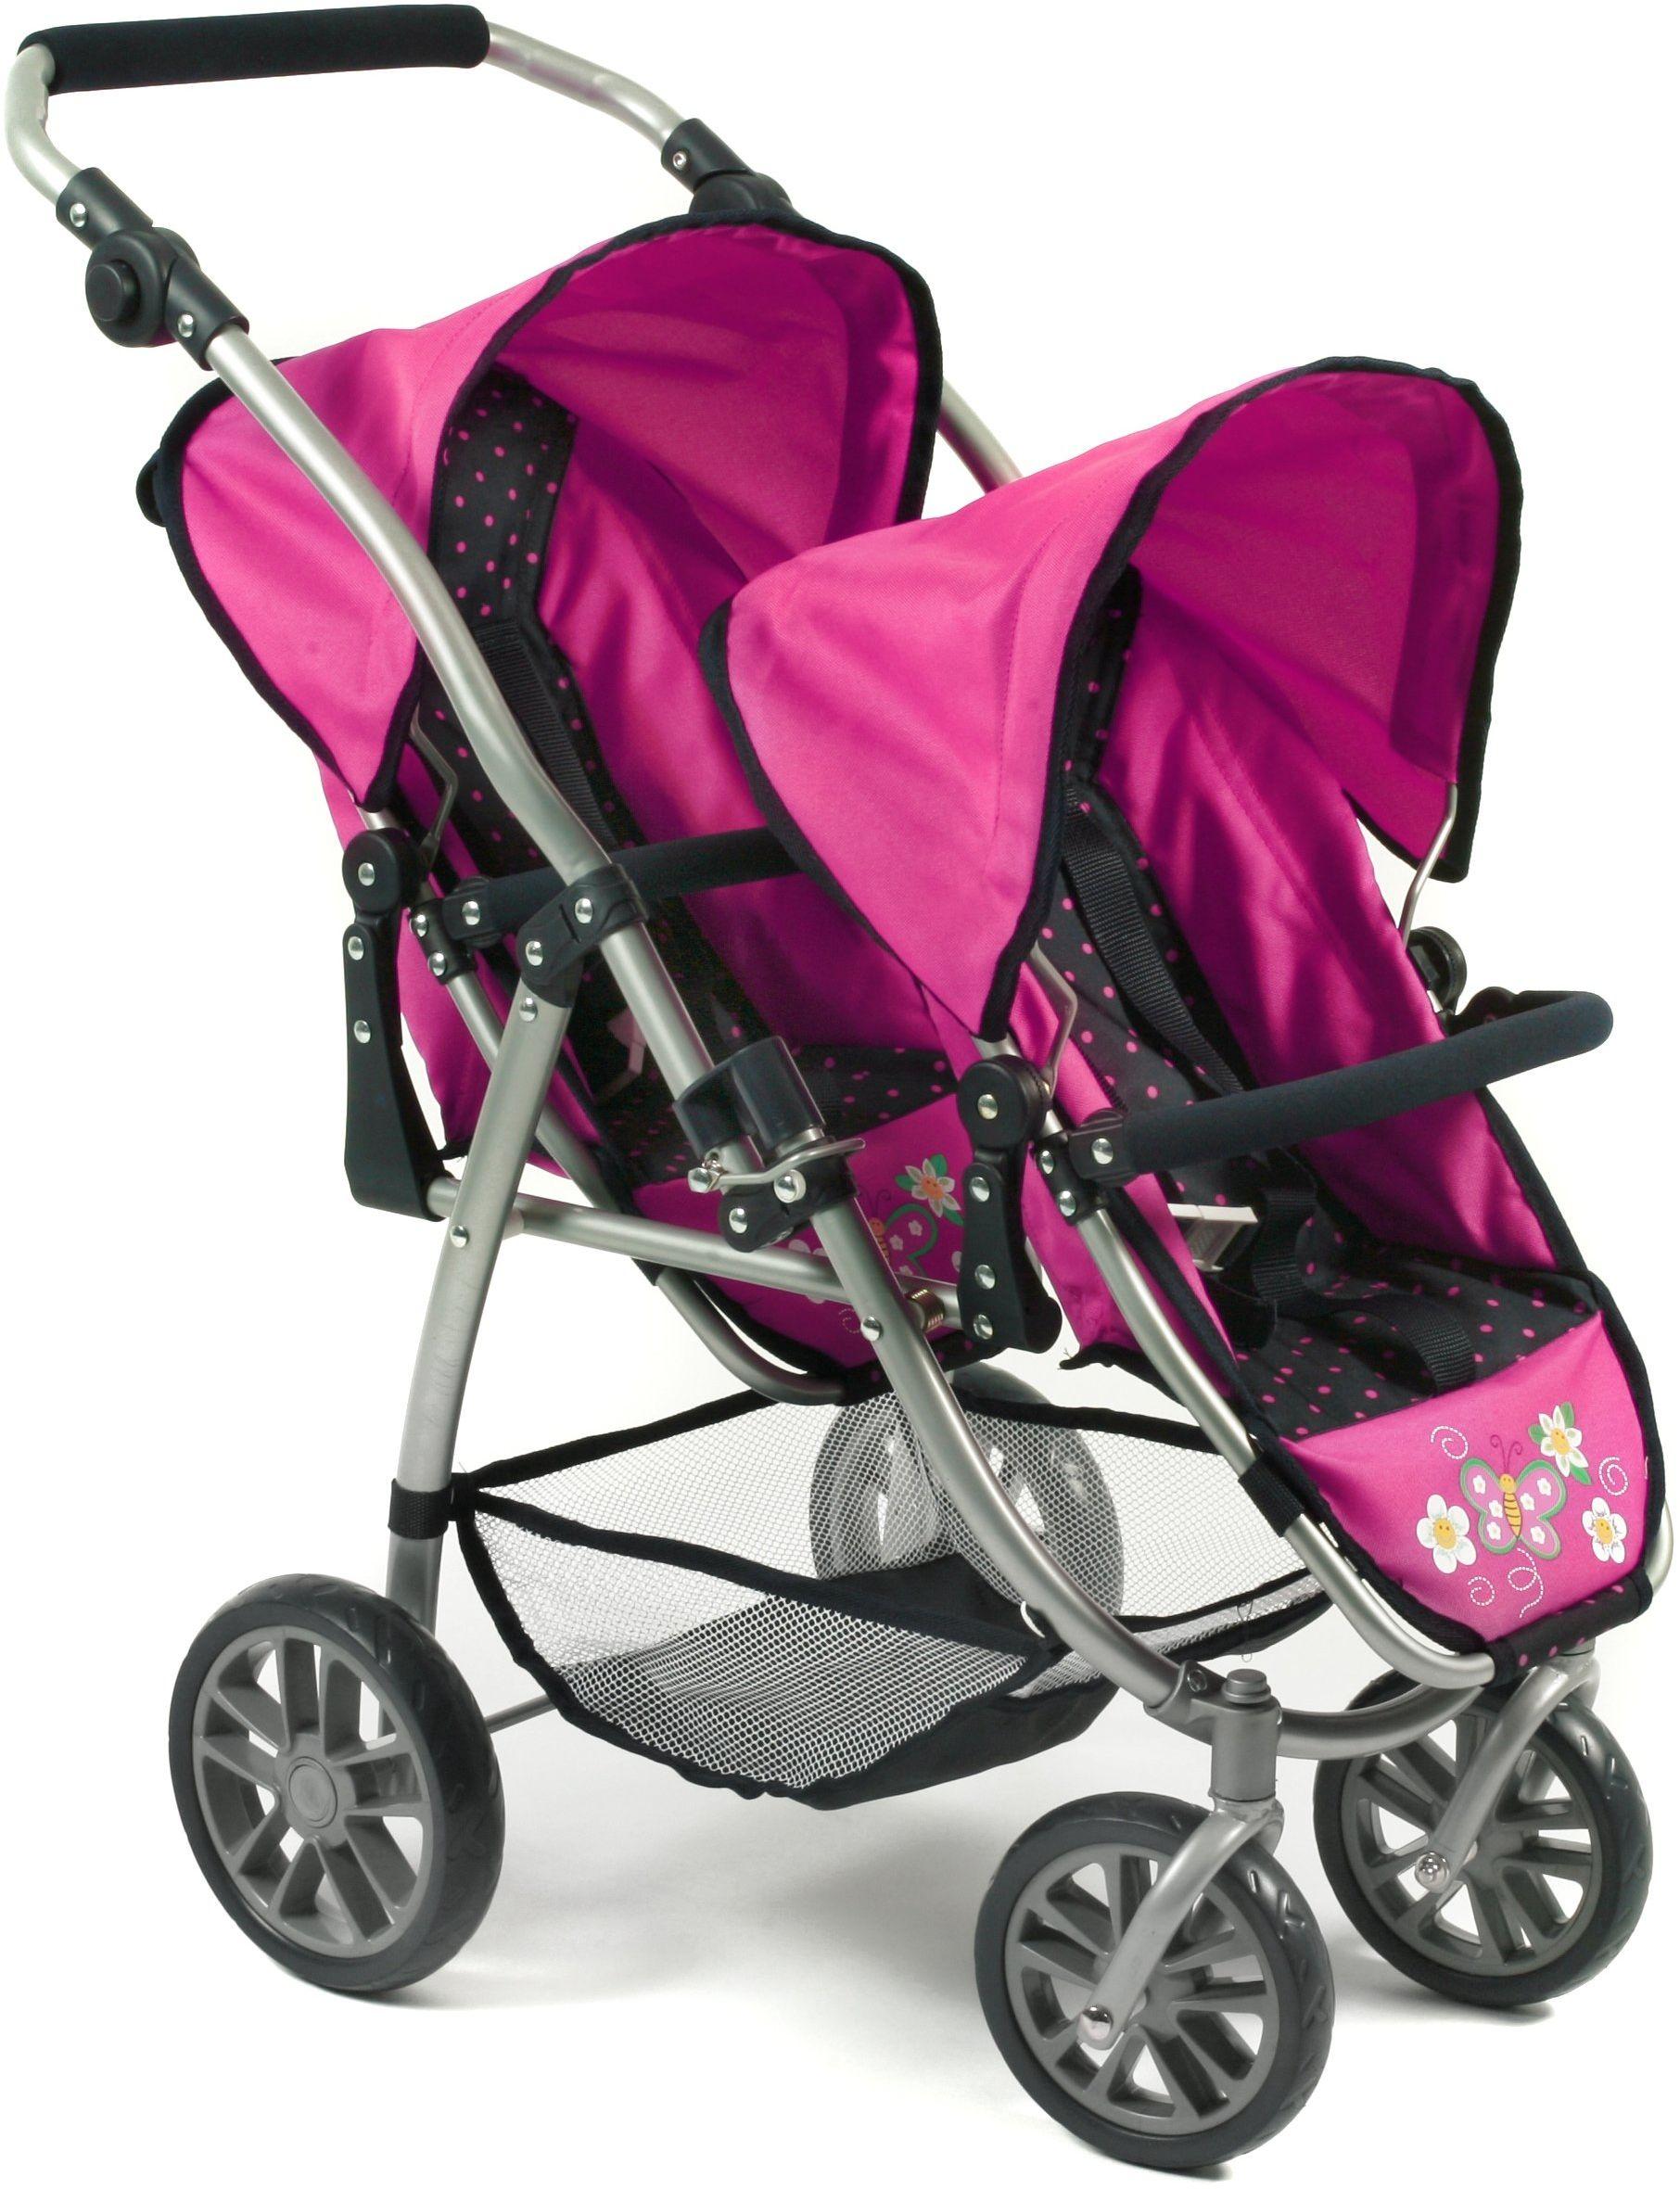 Bayer Chic 2000 689 12 wózek dla lalek, różowy